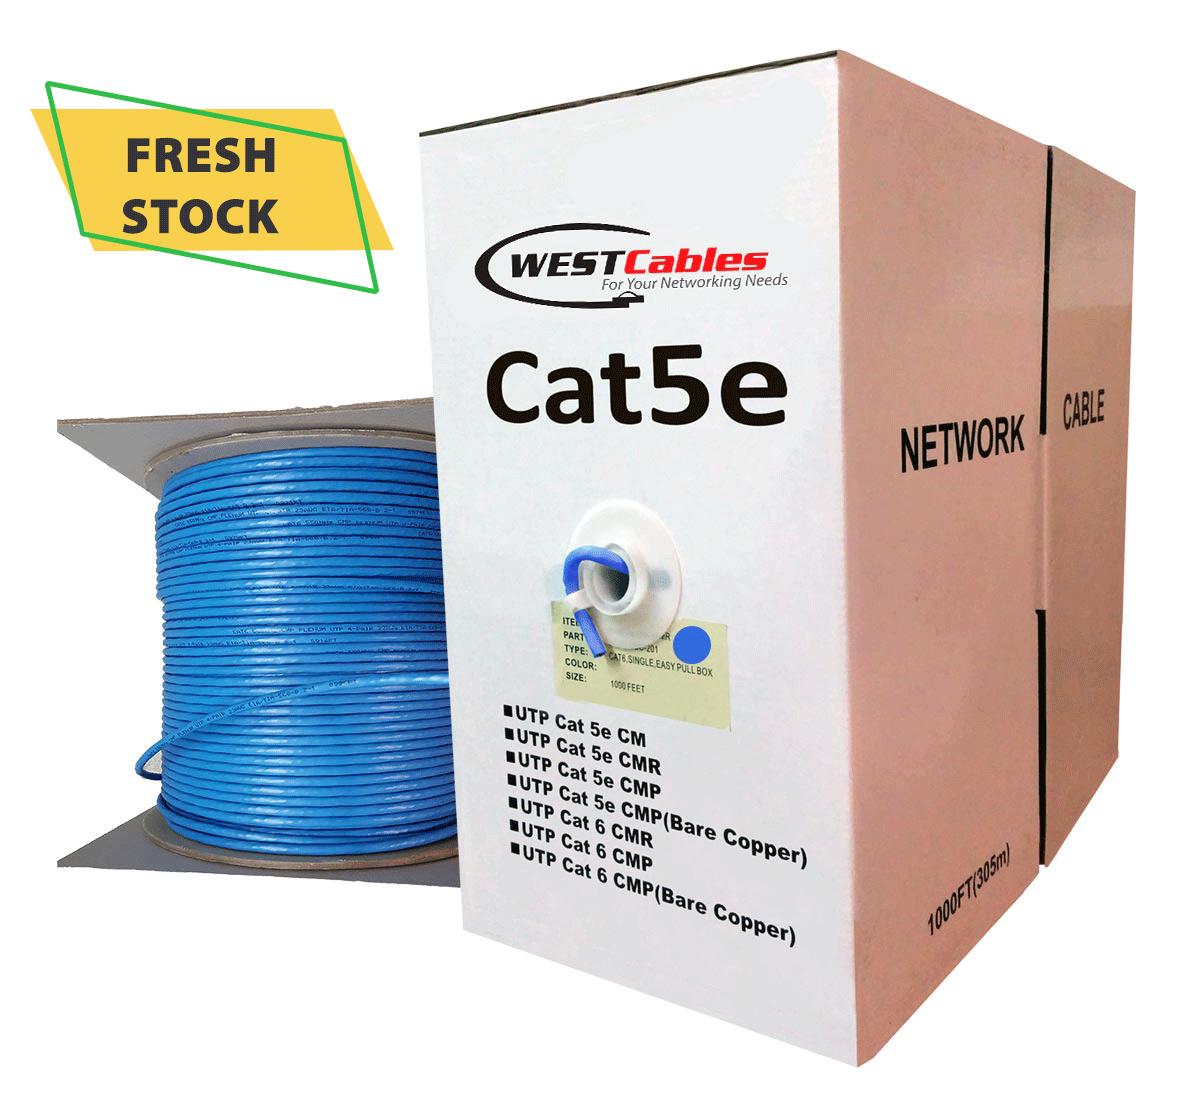 1000 FT Cat5e Plenum UTP Ethernet Cable